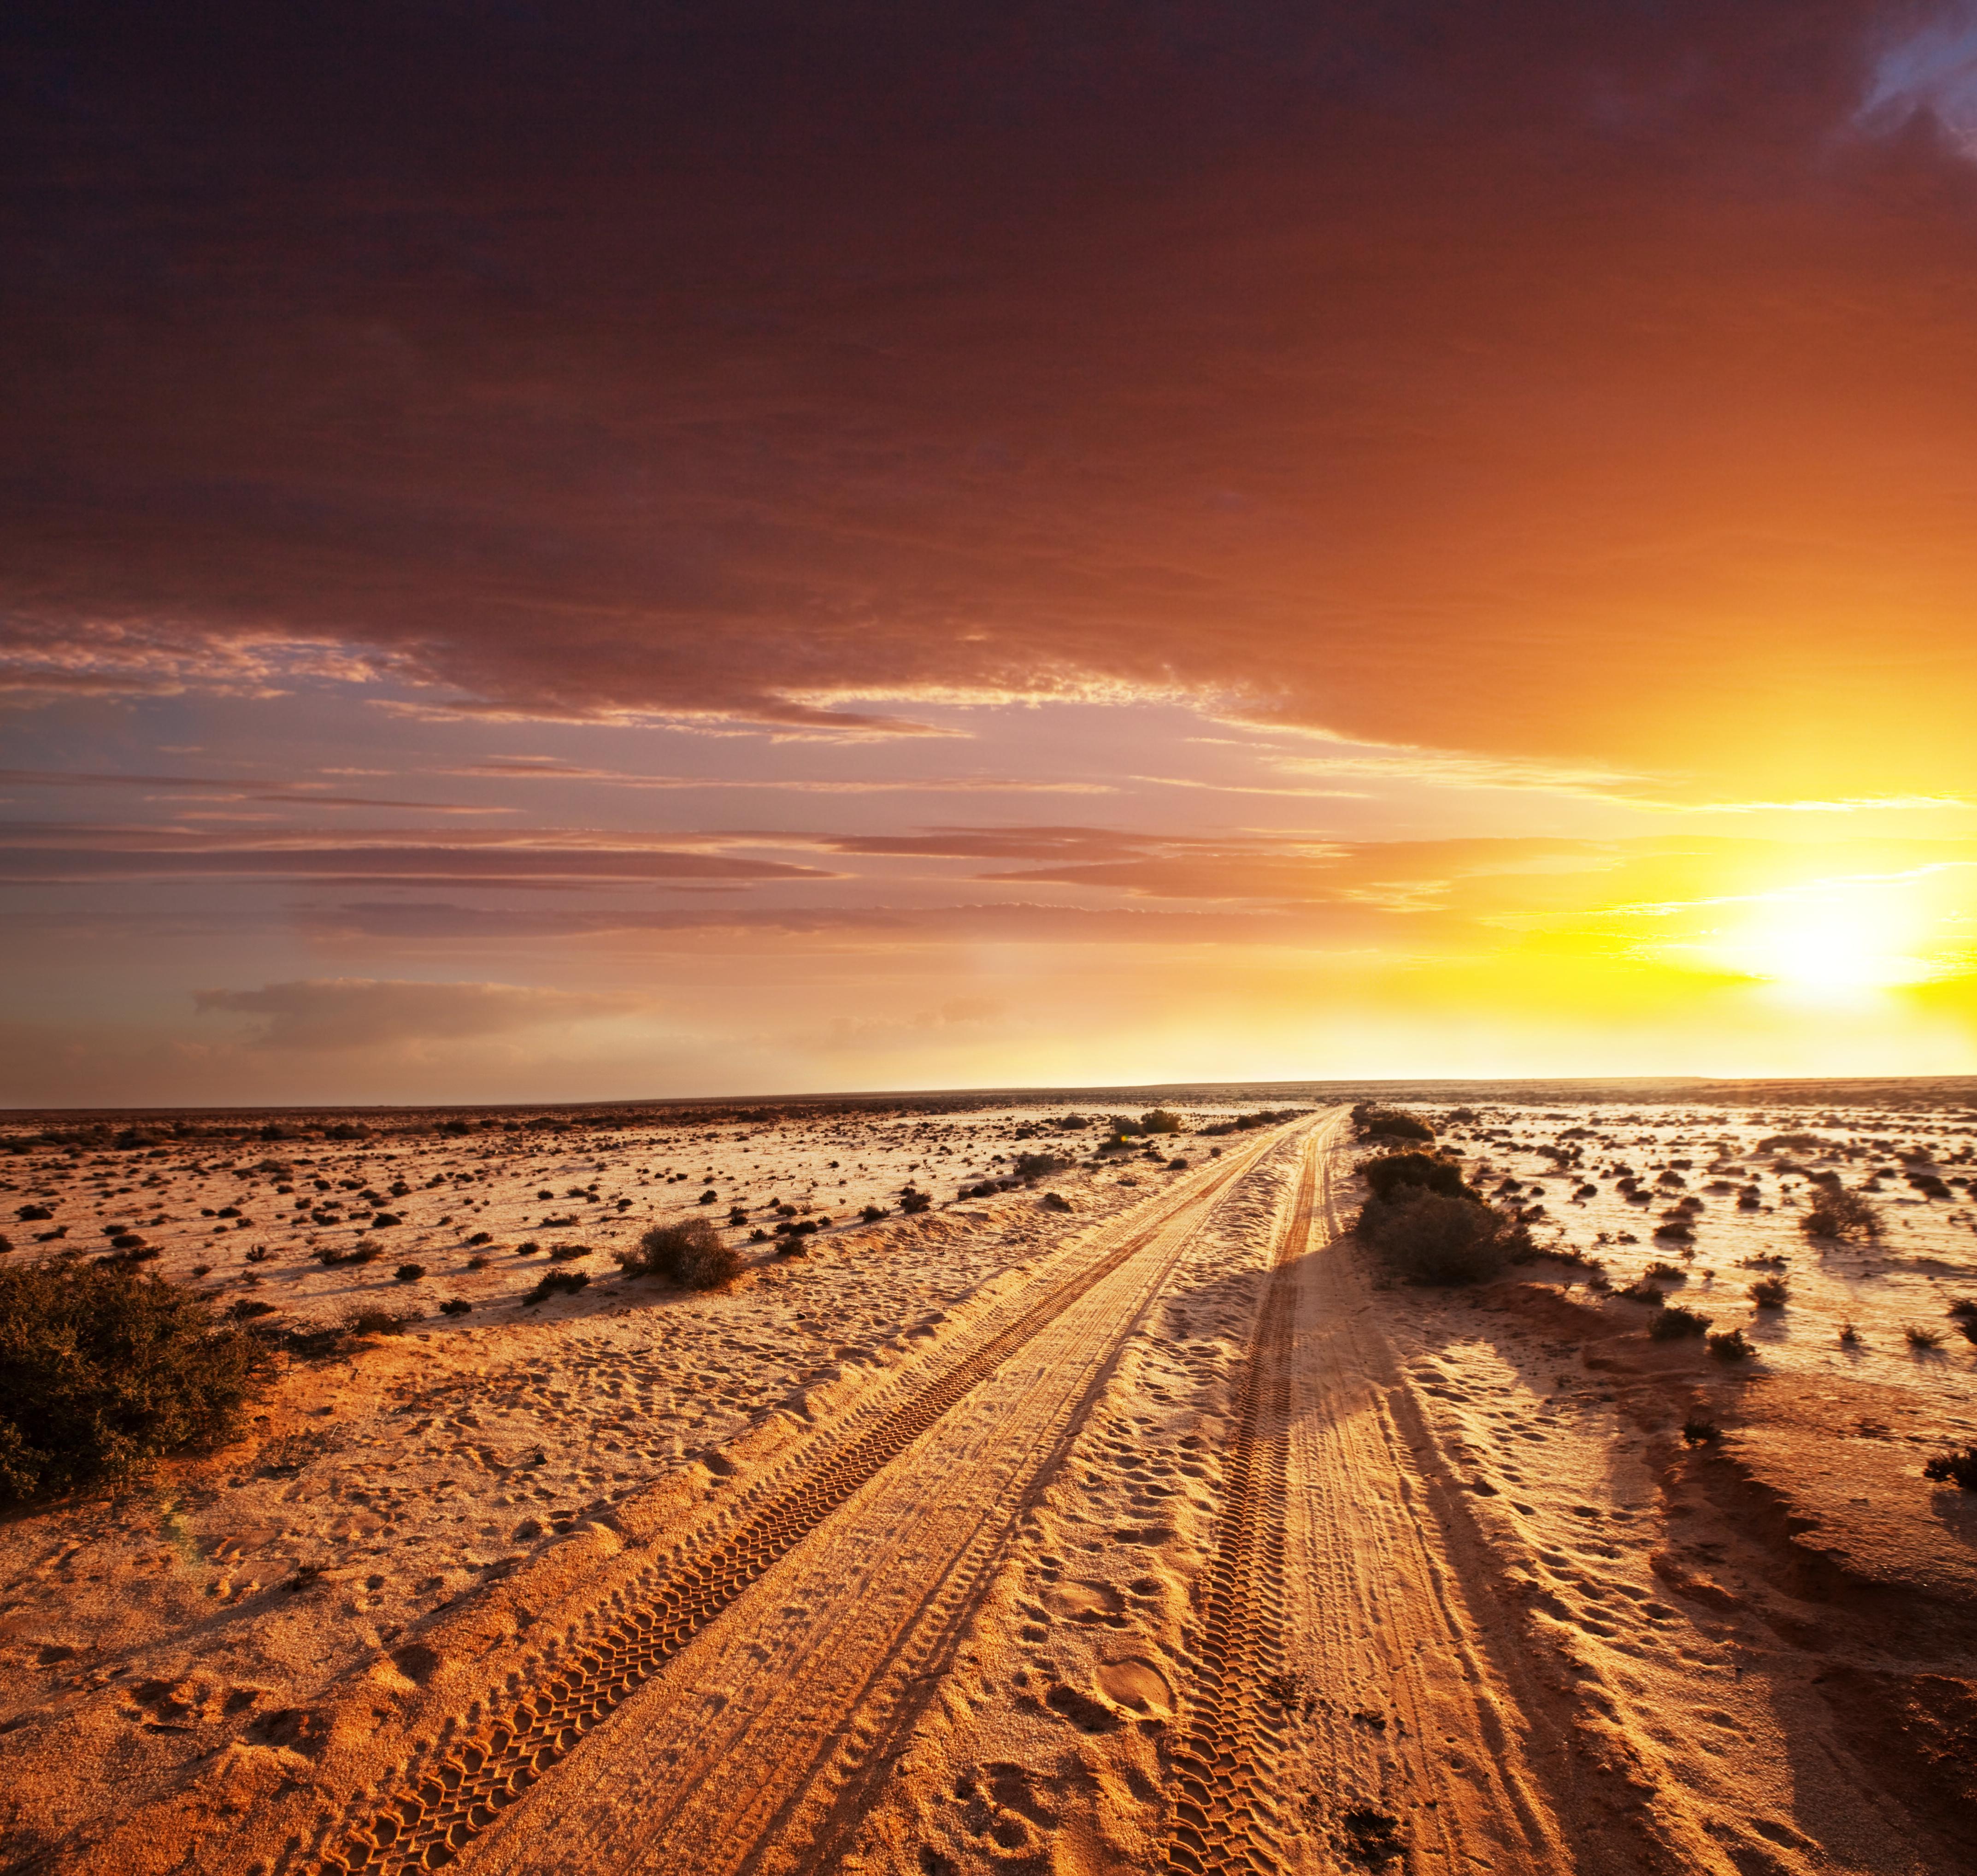 desert sunset death - photo #28